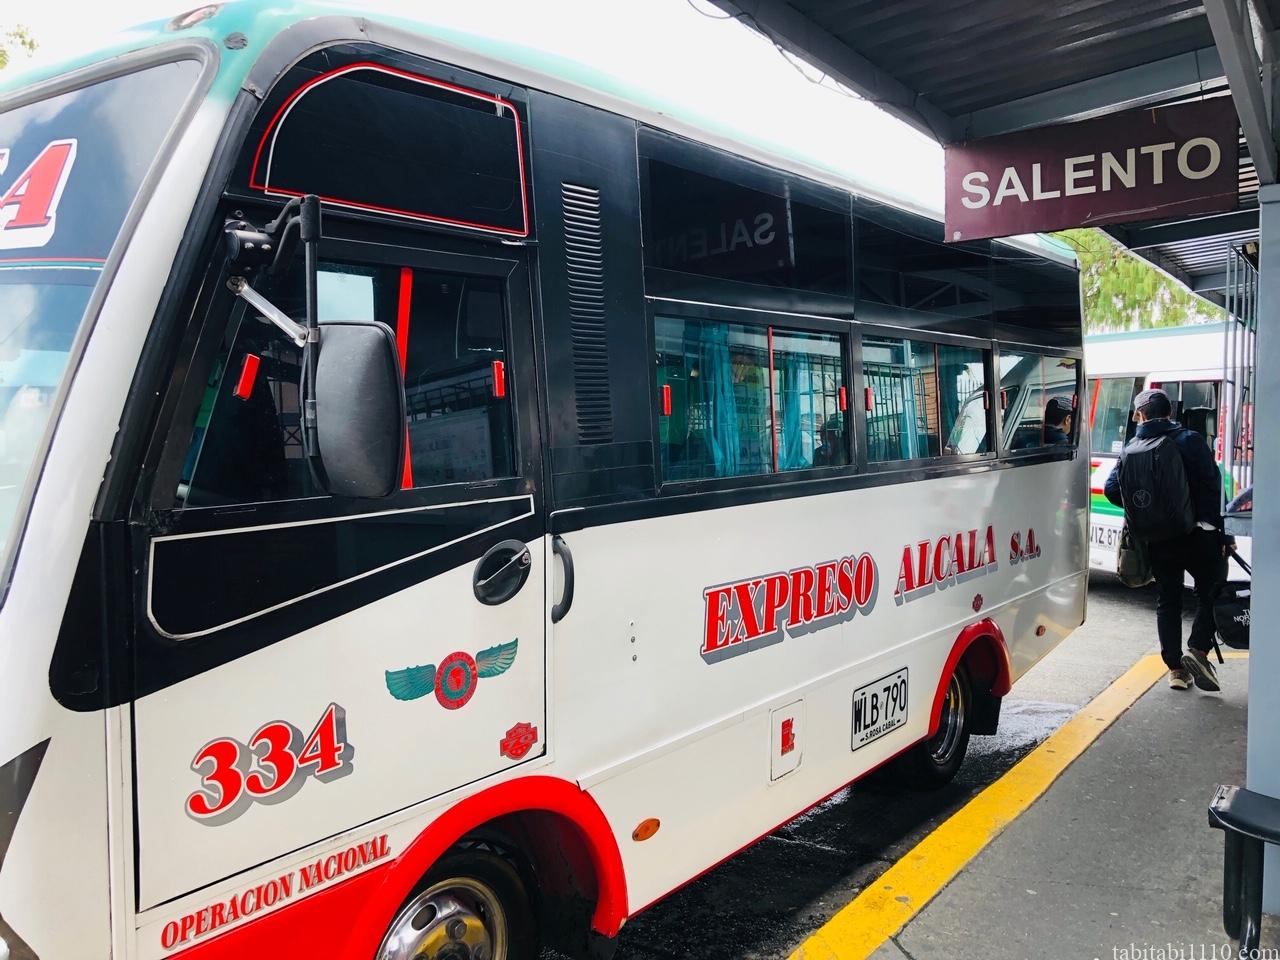 アルメニア サレント バス